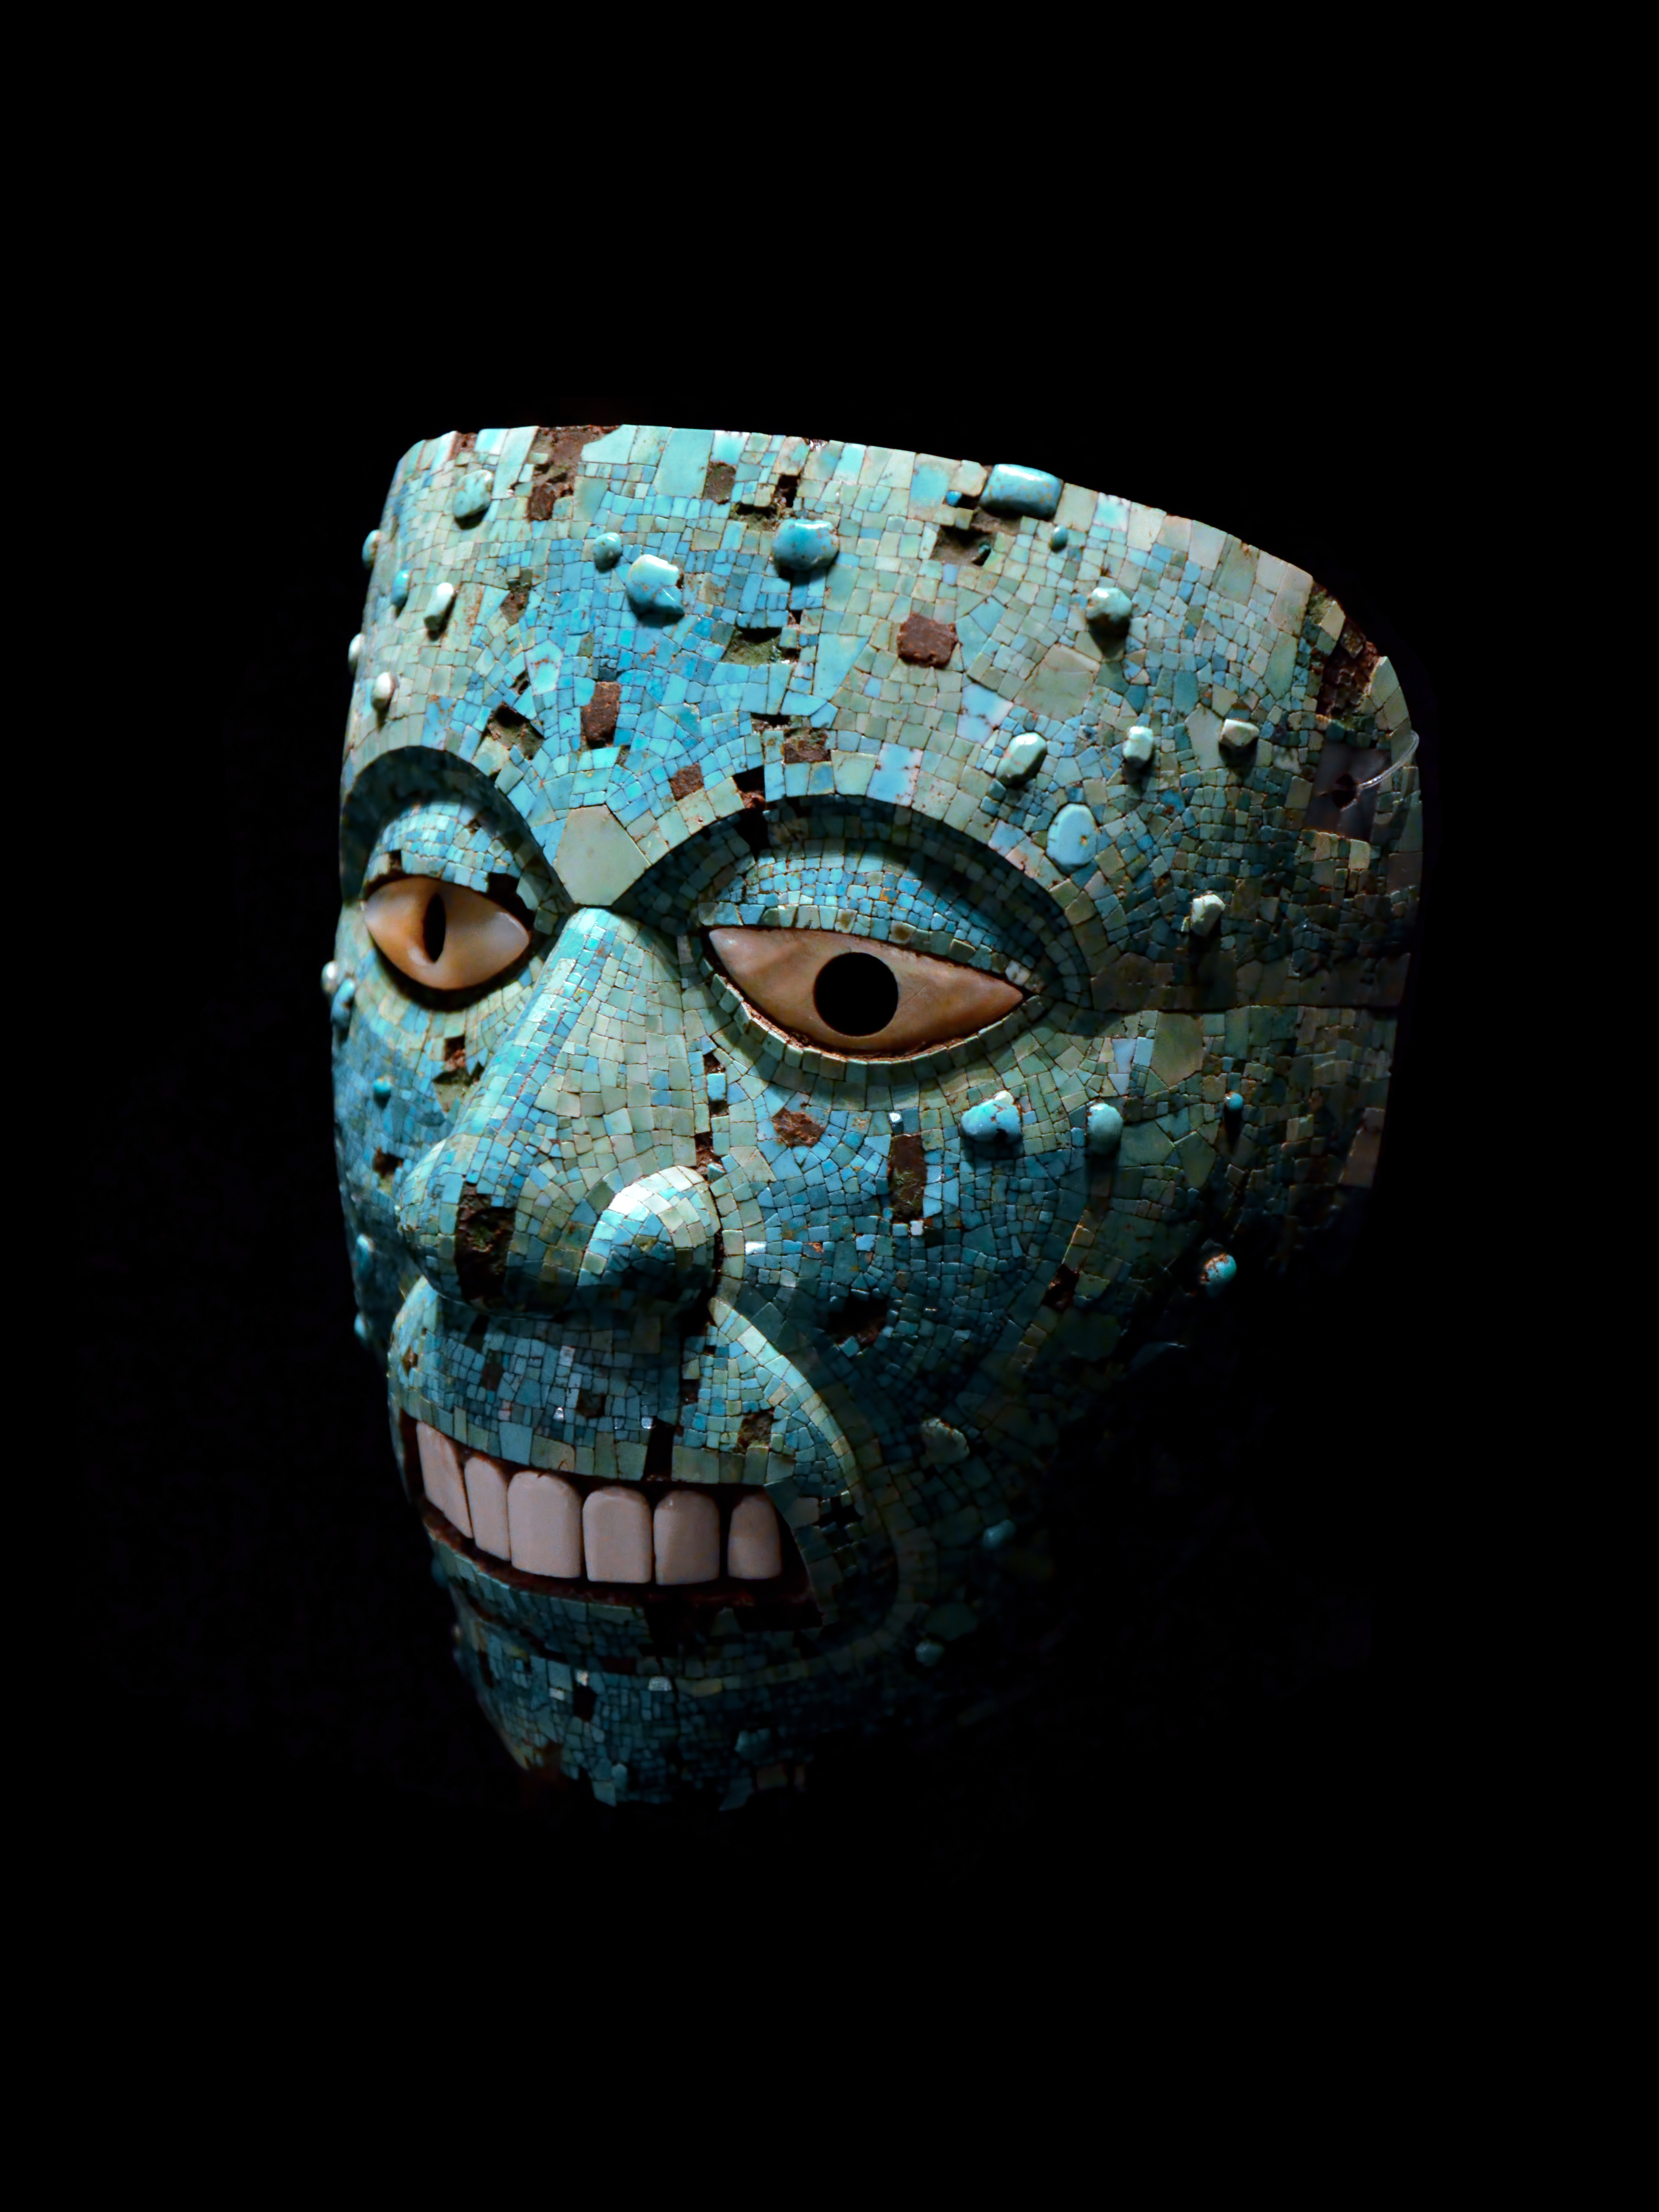 Xiuhtecuhtli_(mask)